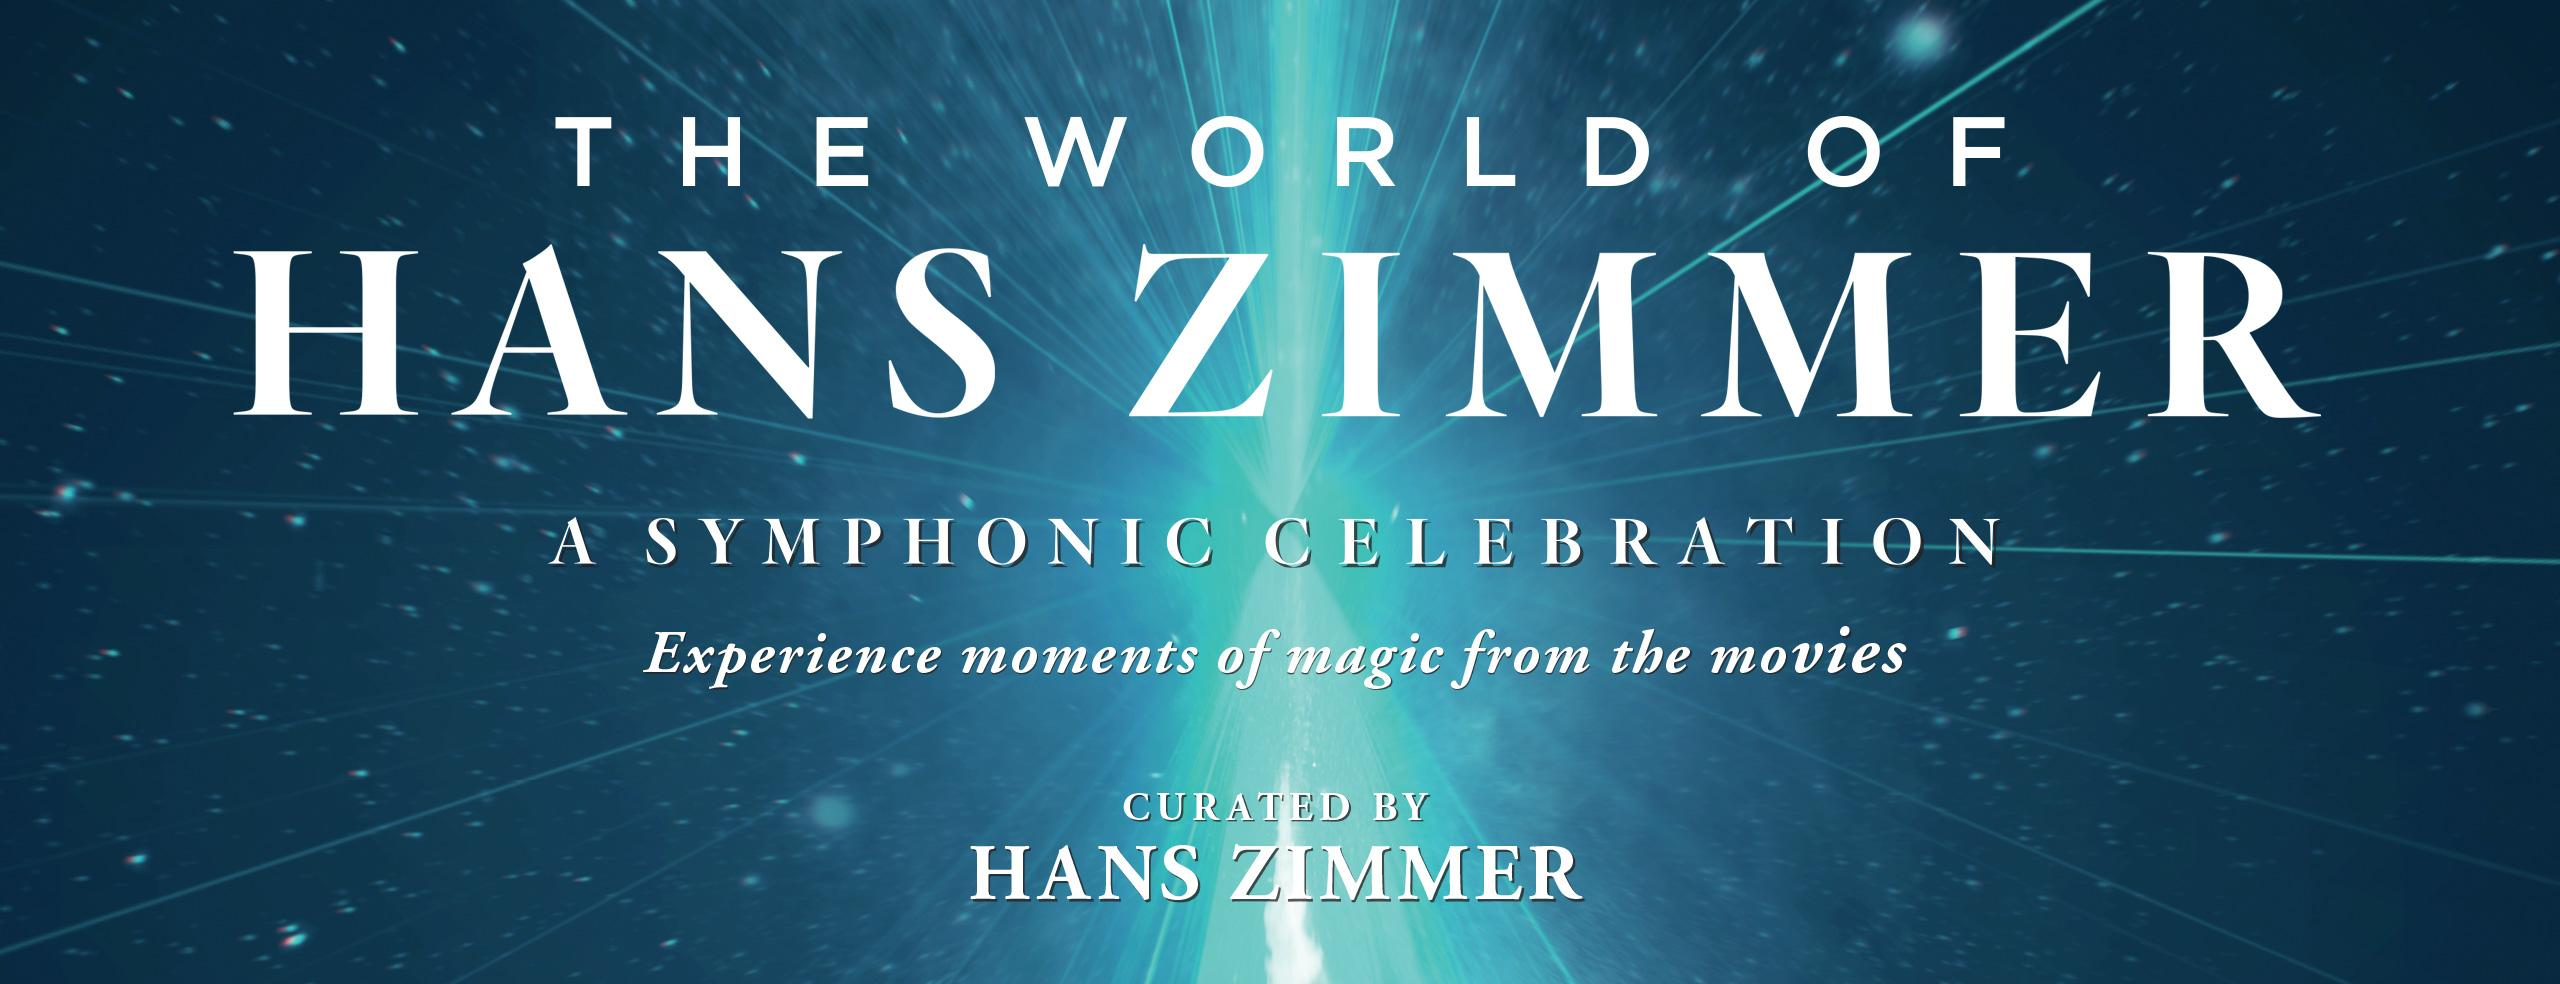 Les BO de Hans Zimmer jouées par un orchestre symphonique